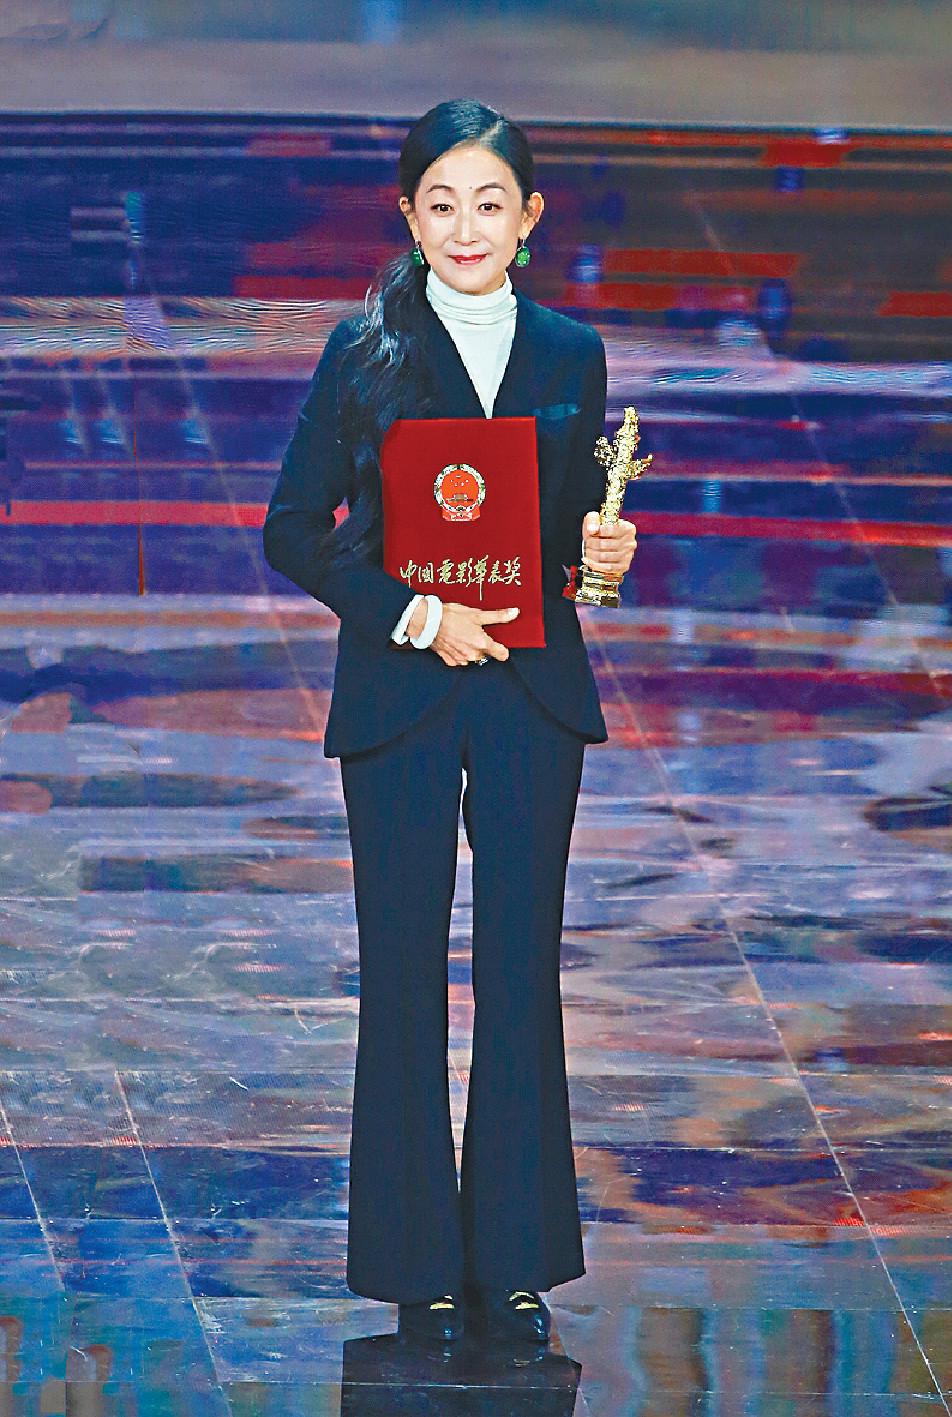 ■陳瑾獲頒華表獎影后殊榮。